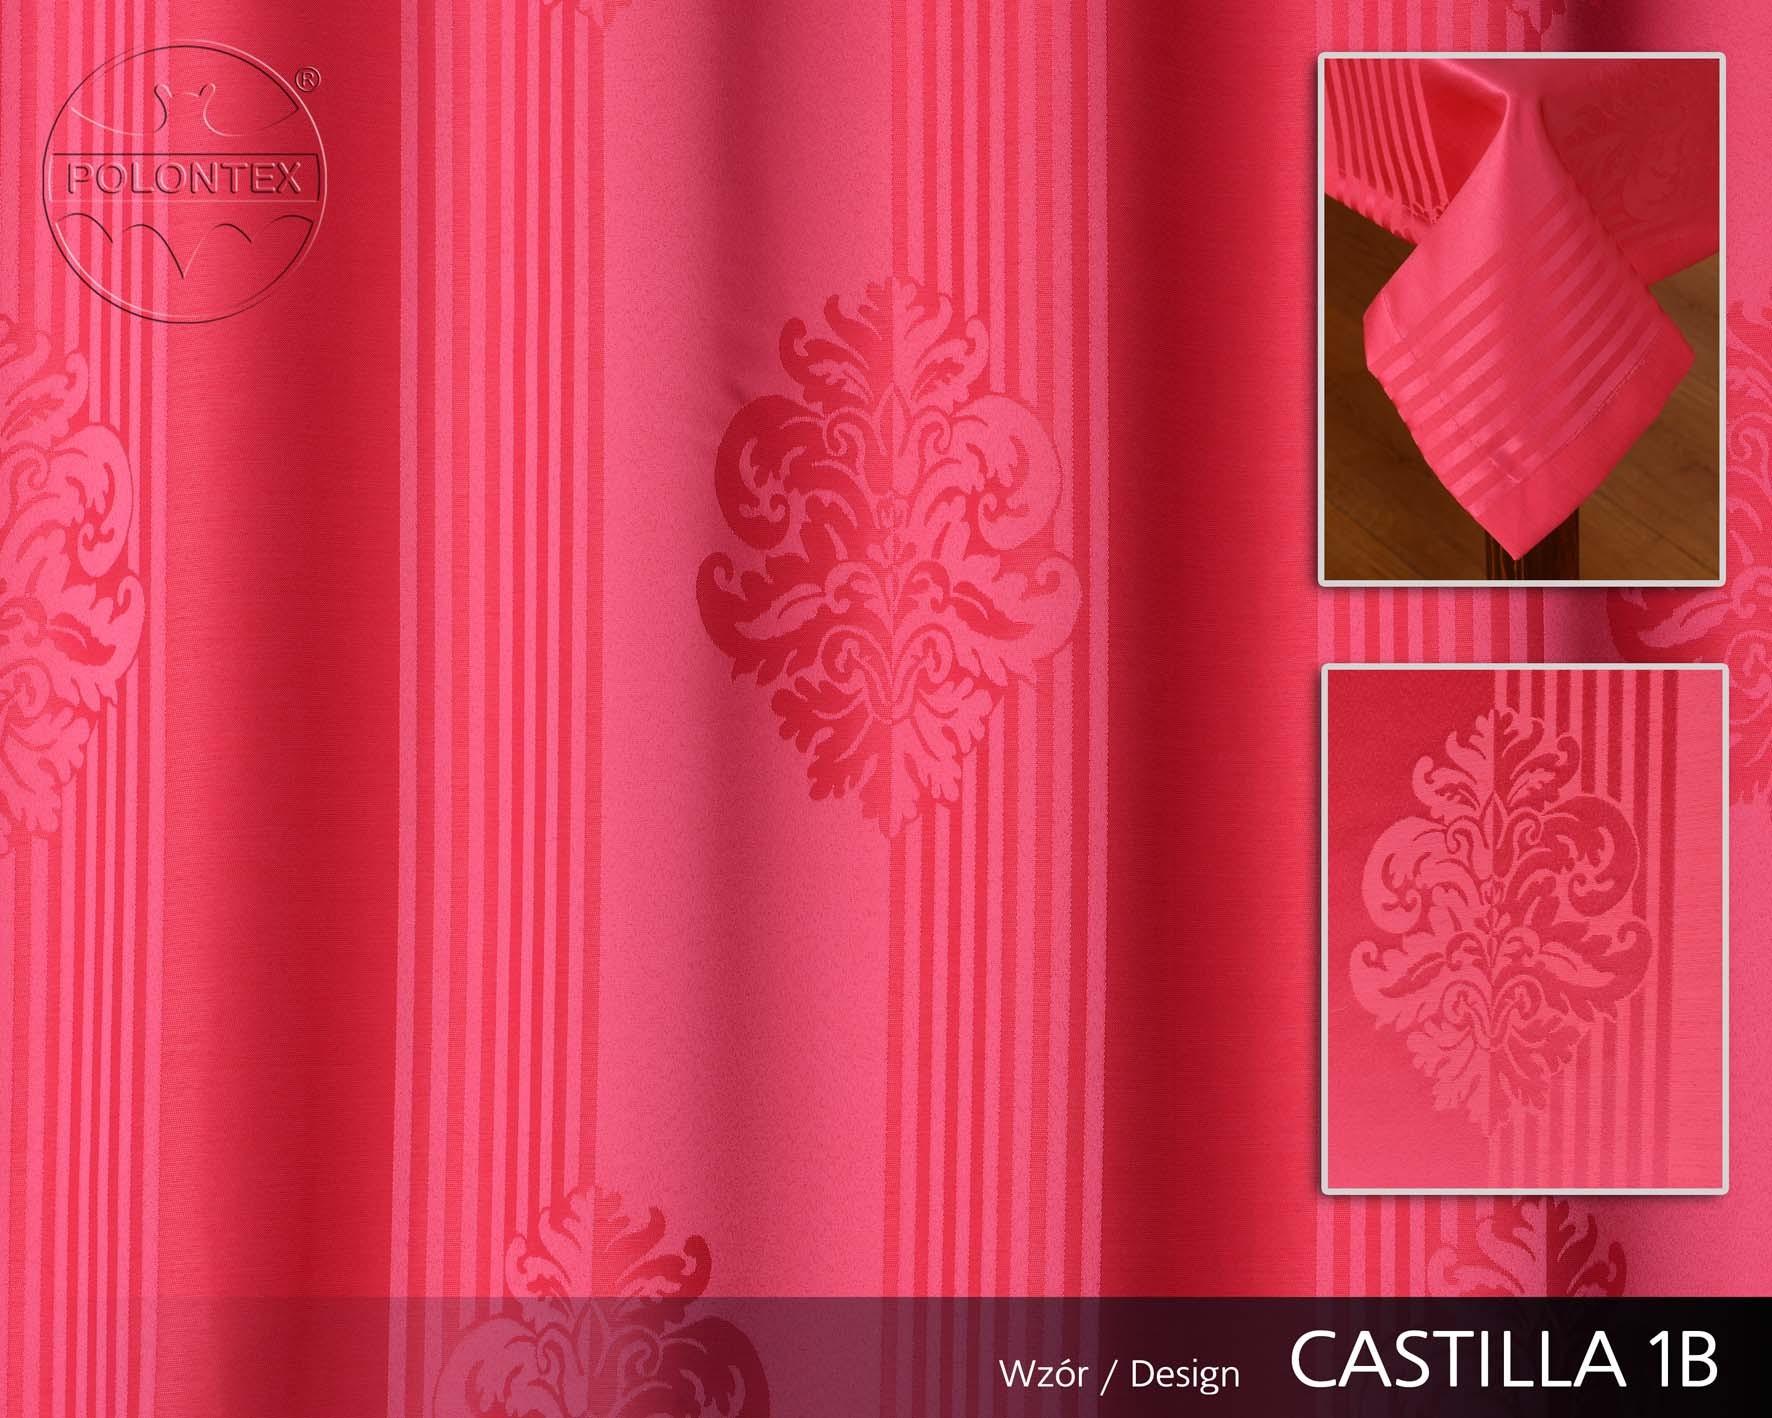 Castilla 1B 3432